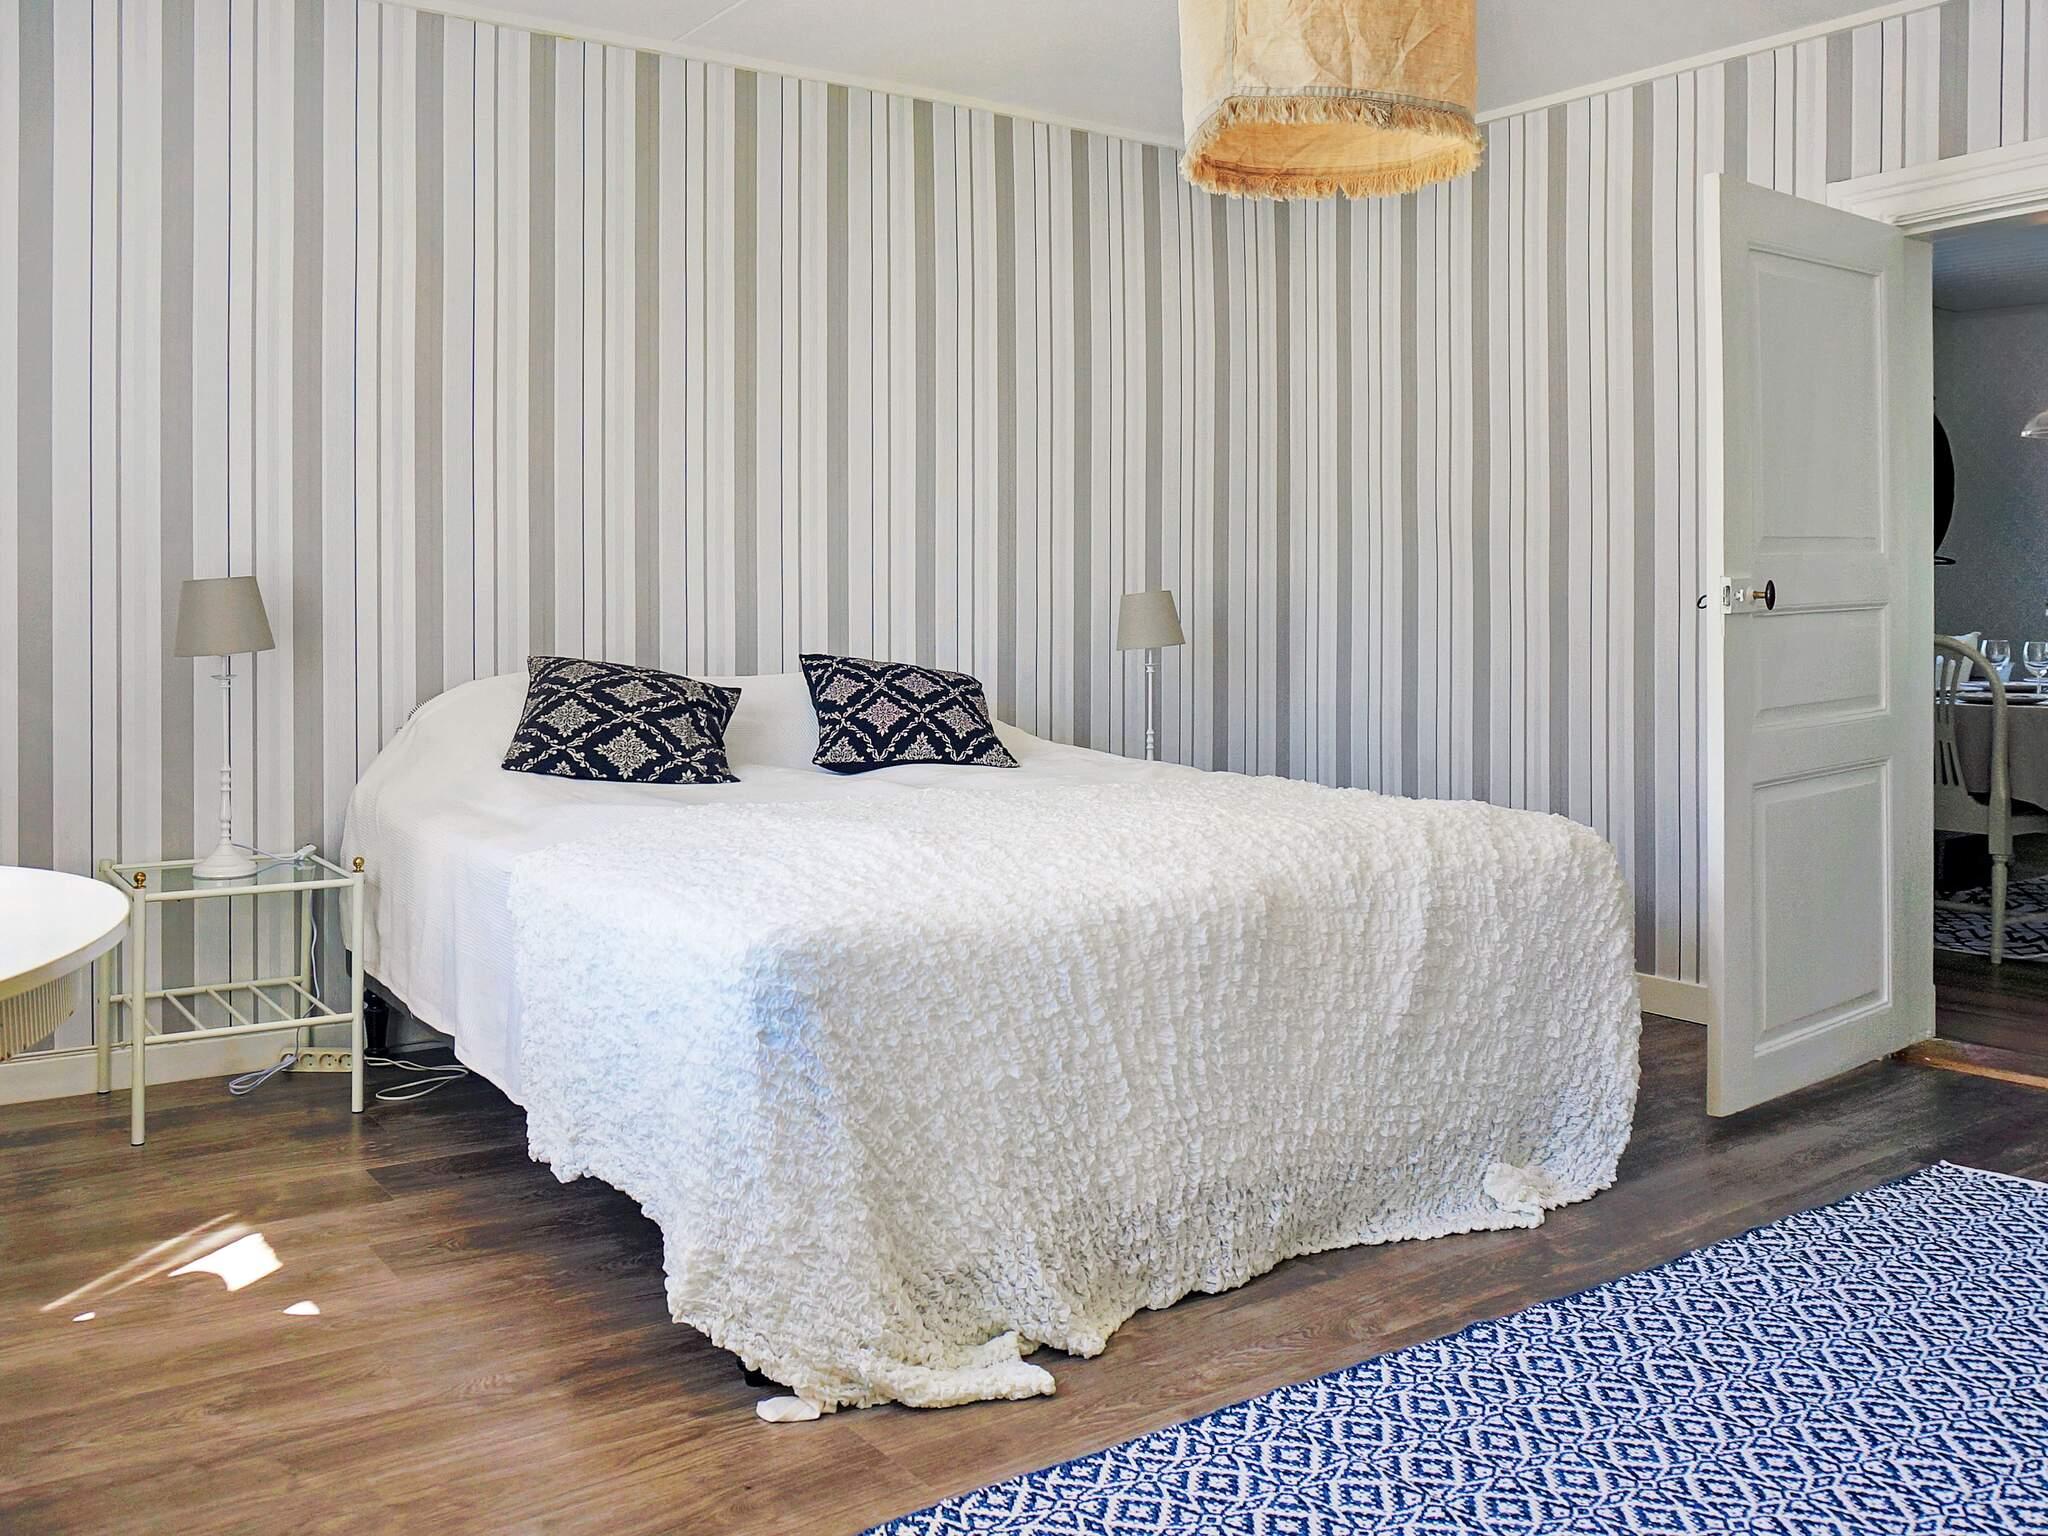 Ferienhaus Hova (432882), Hova, Västra Götaland län, Westschweden, Schweden, Bild 12